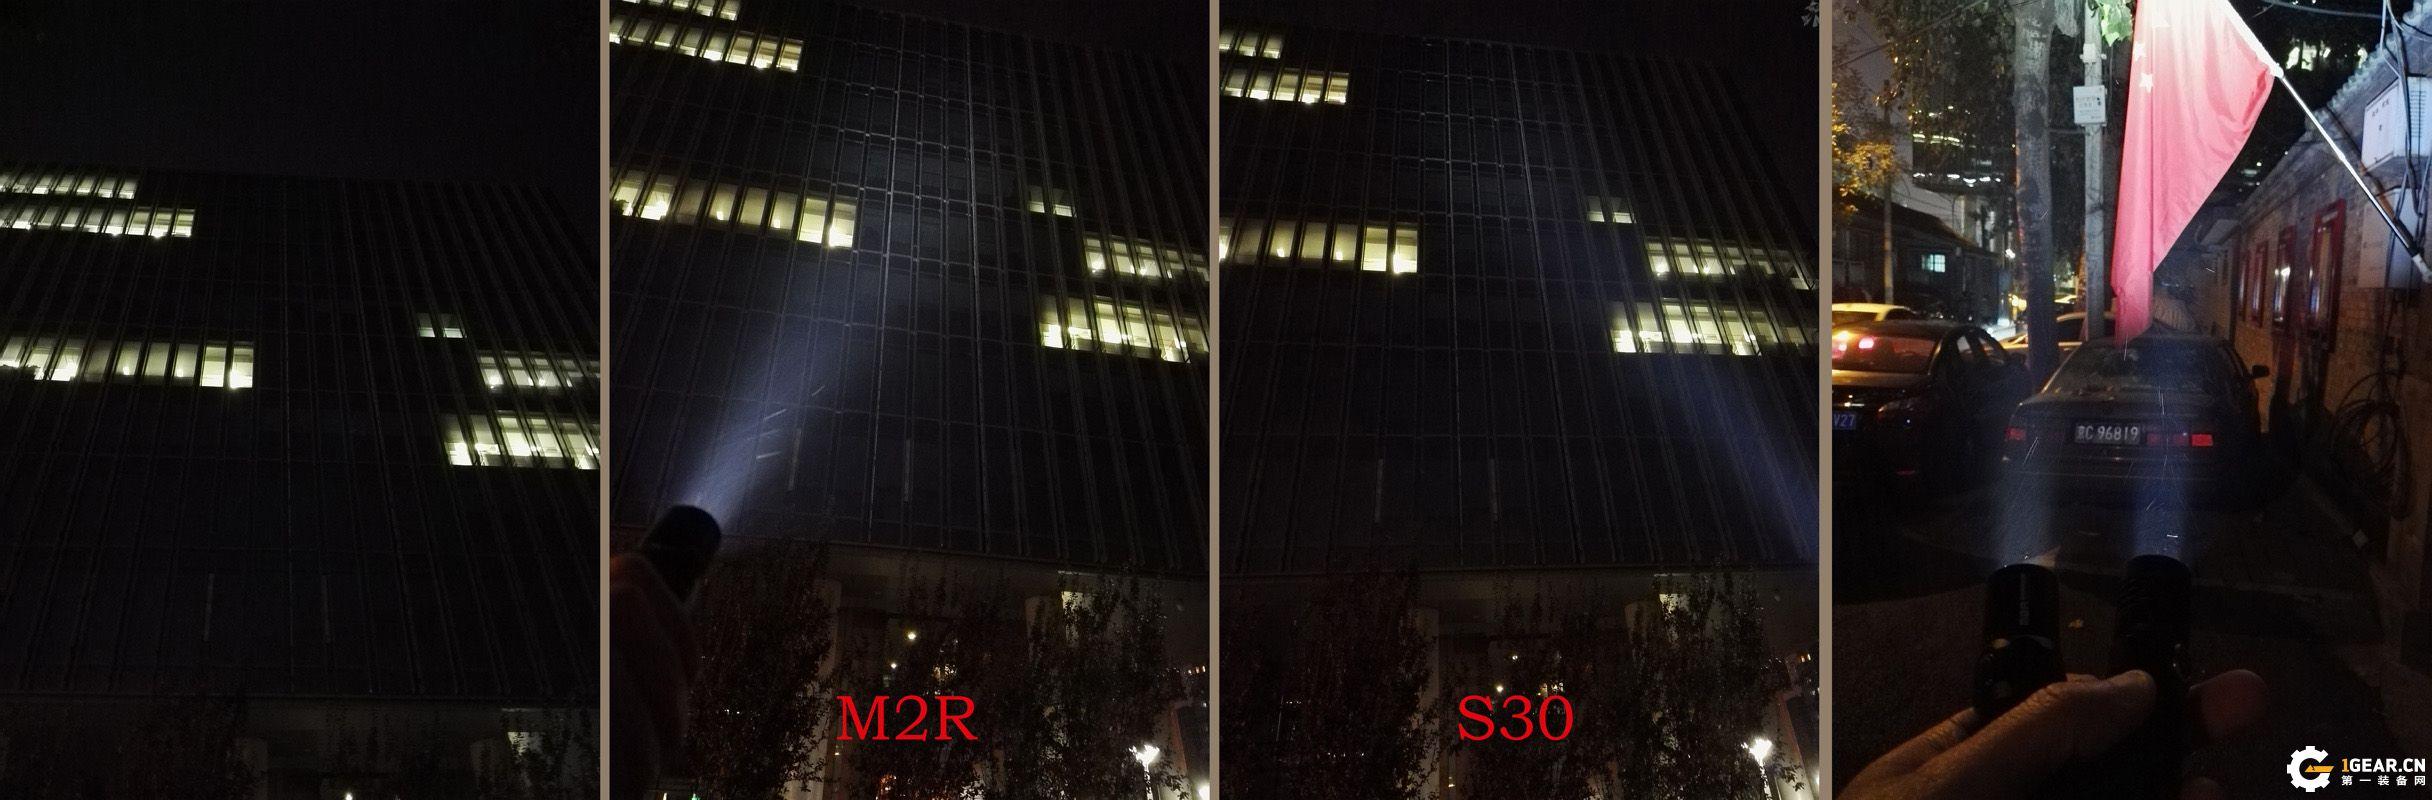 傲世之作、雷霆之光——傲雷M2R武士测评